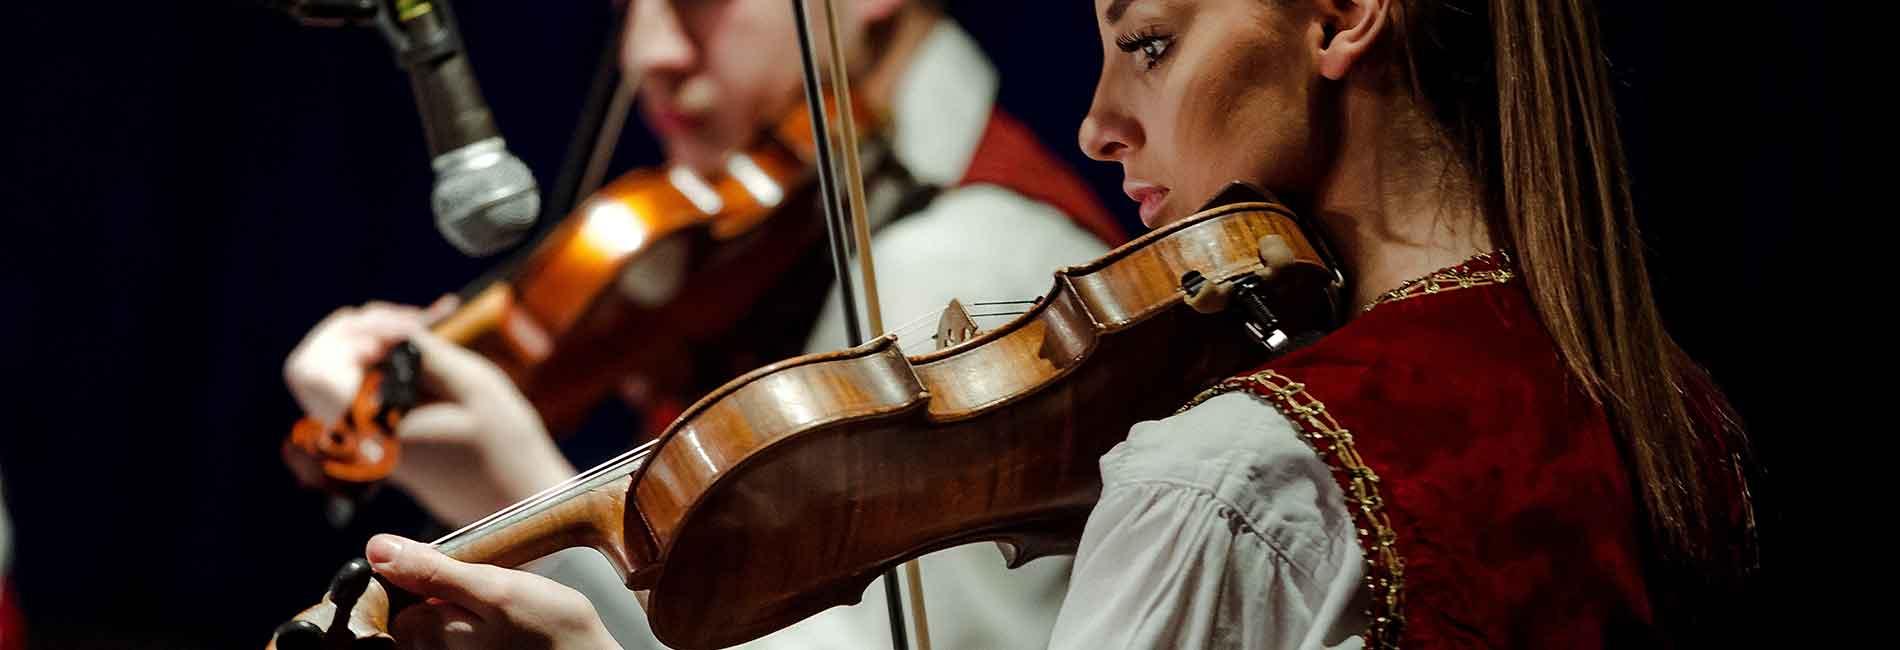 Les Rencontres de Calenzana : voyage musical au cœur de la Balagne